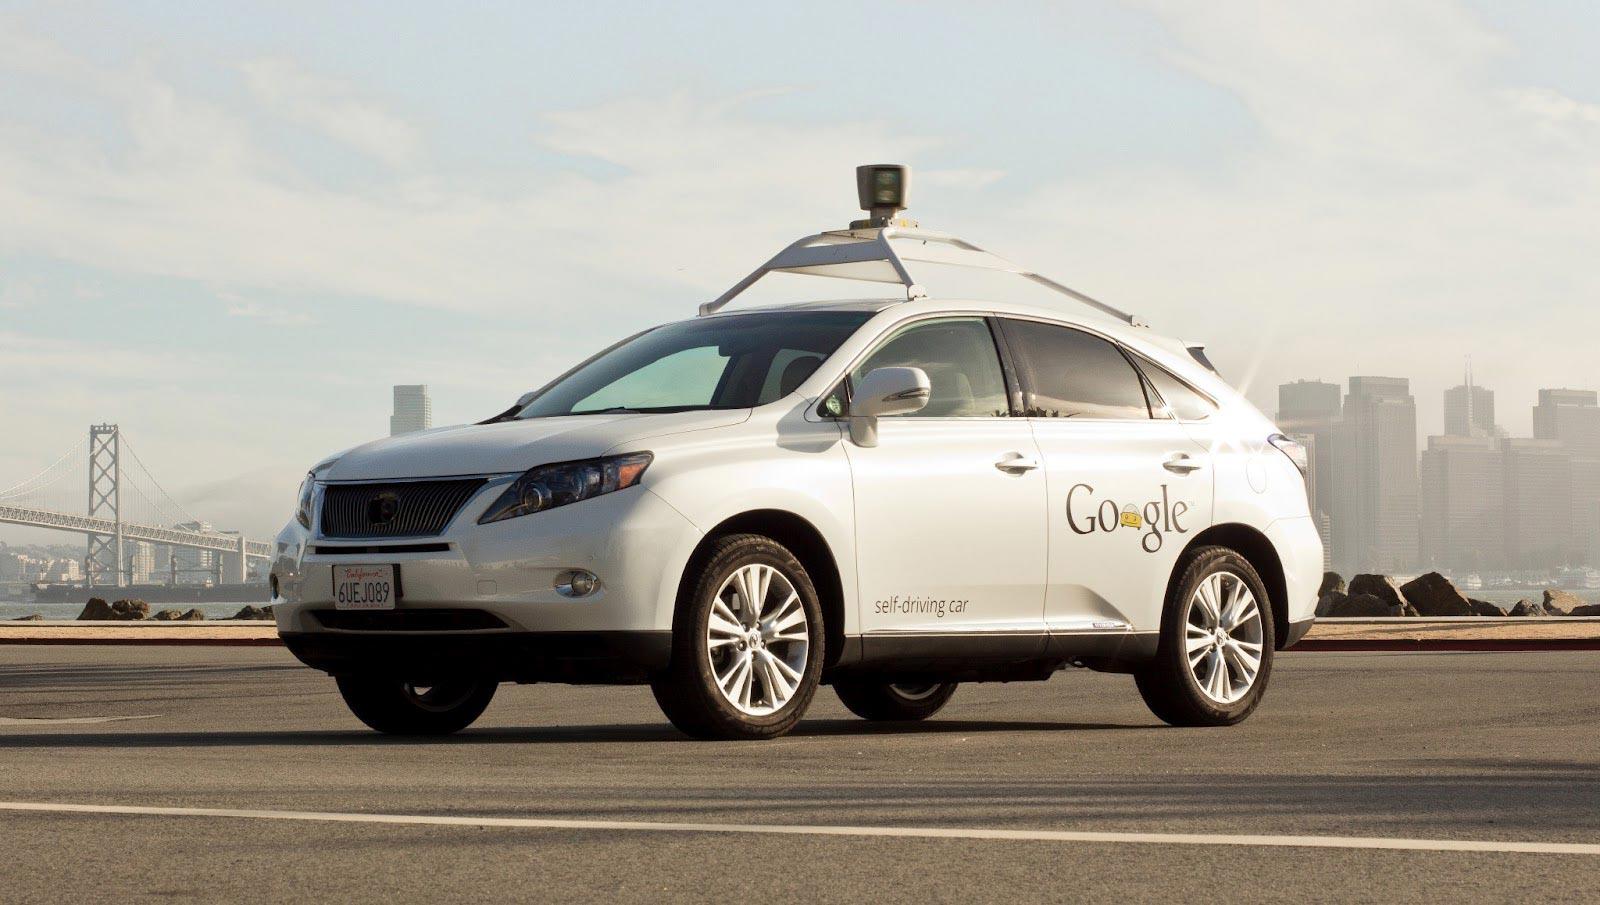 Das Auto der Zukunft? Zumindest die Vorlage für serienmäßige autonom gesteuerte Automobile.